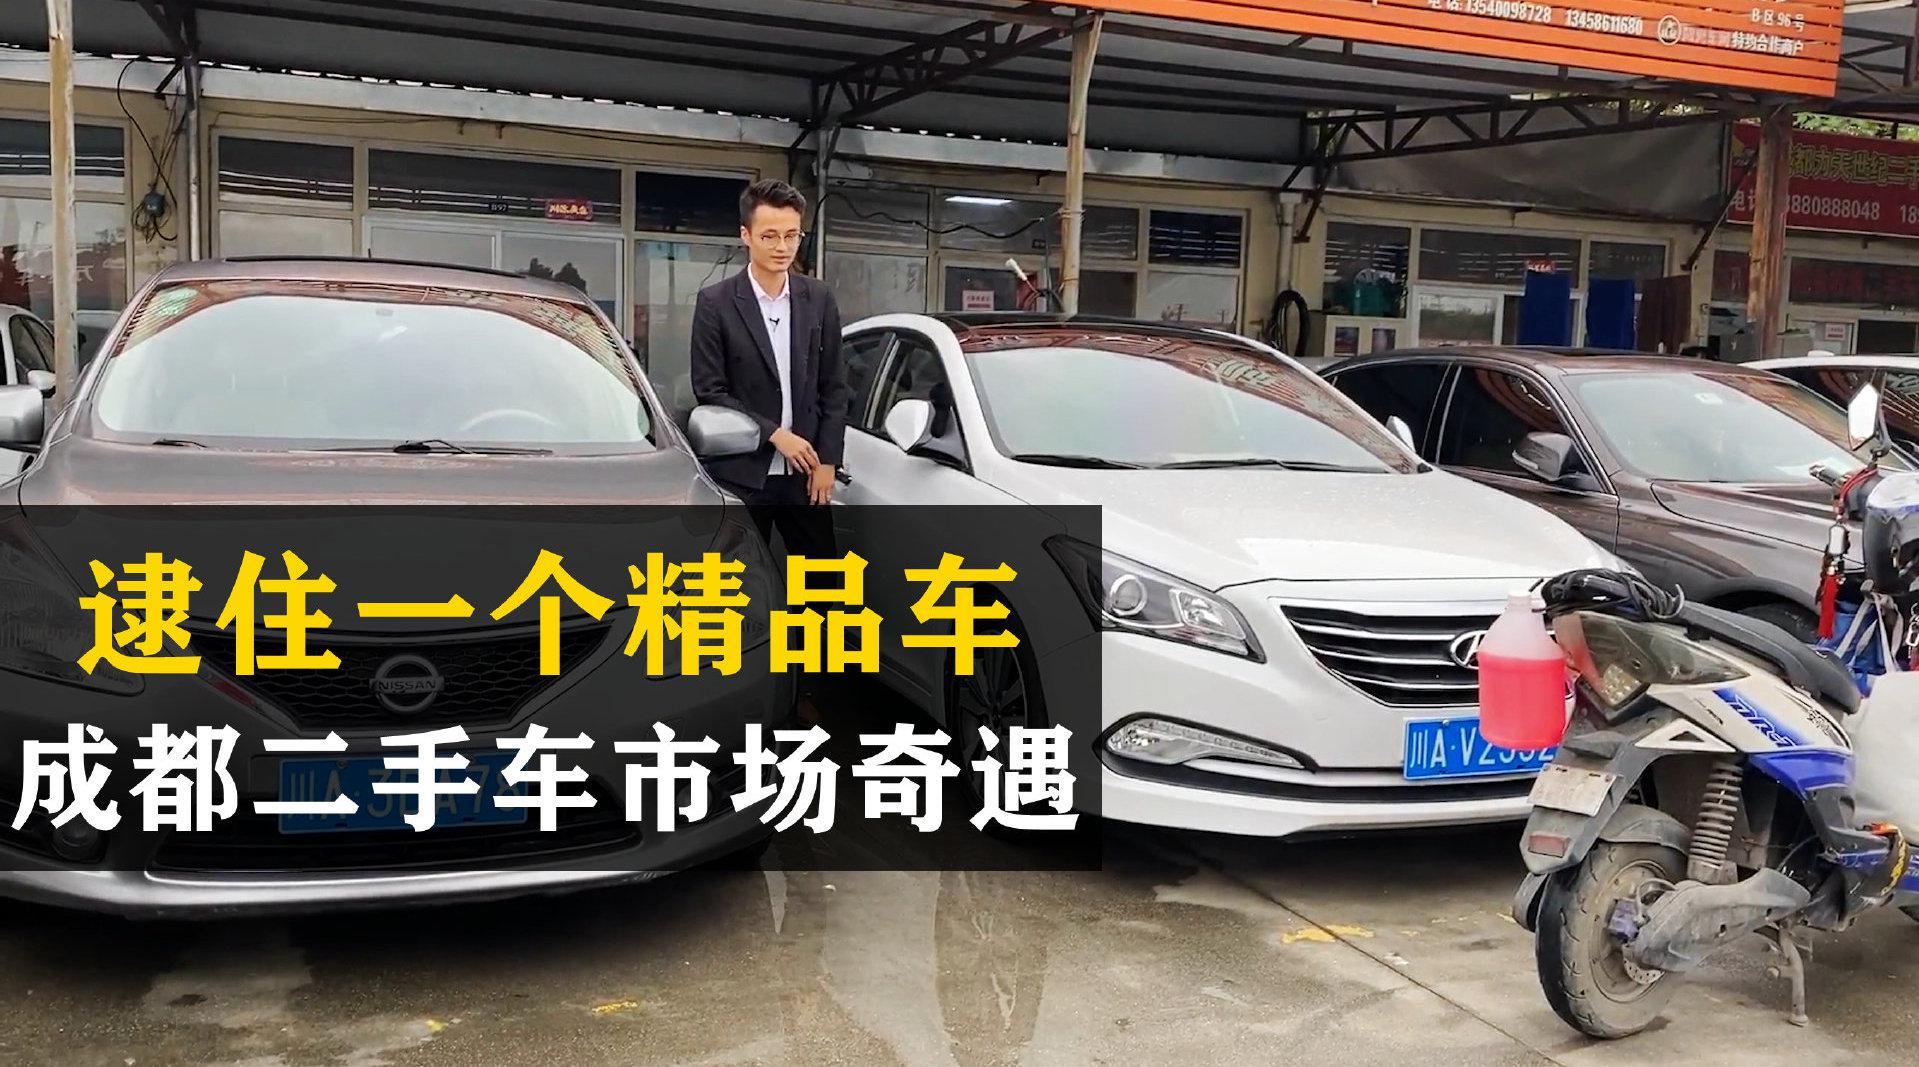 视频:比新车节约5万元!成都买二手现代名图很艰难,9万多买韩系车值吗